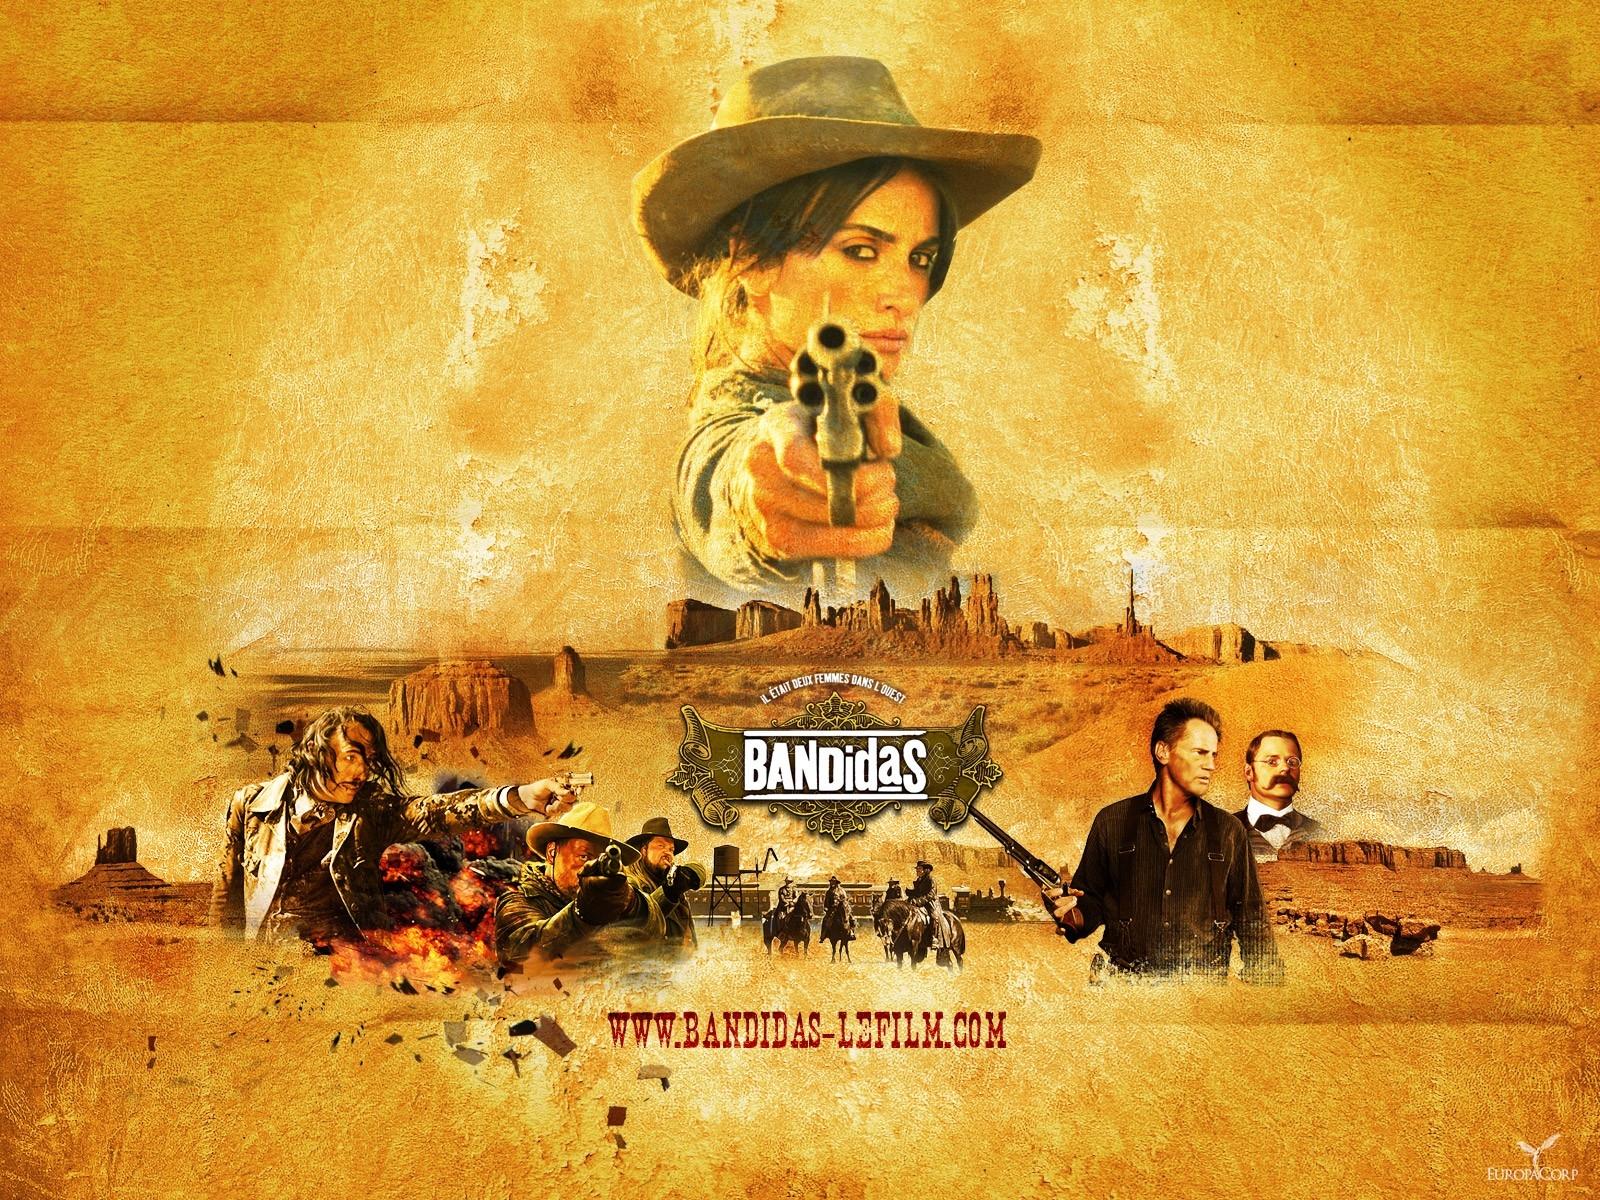 Wallpaper del film Bandidas con la Cruz